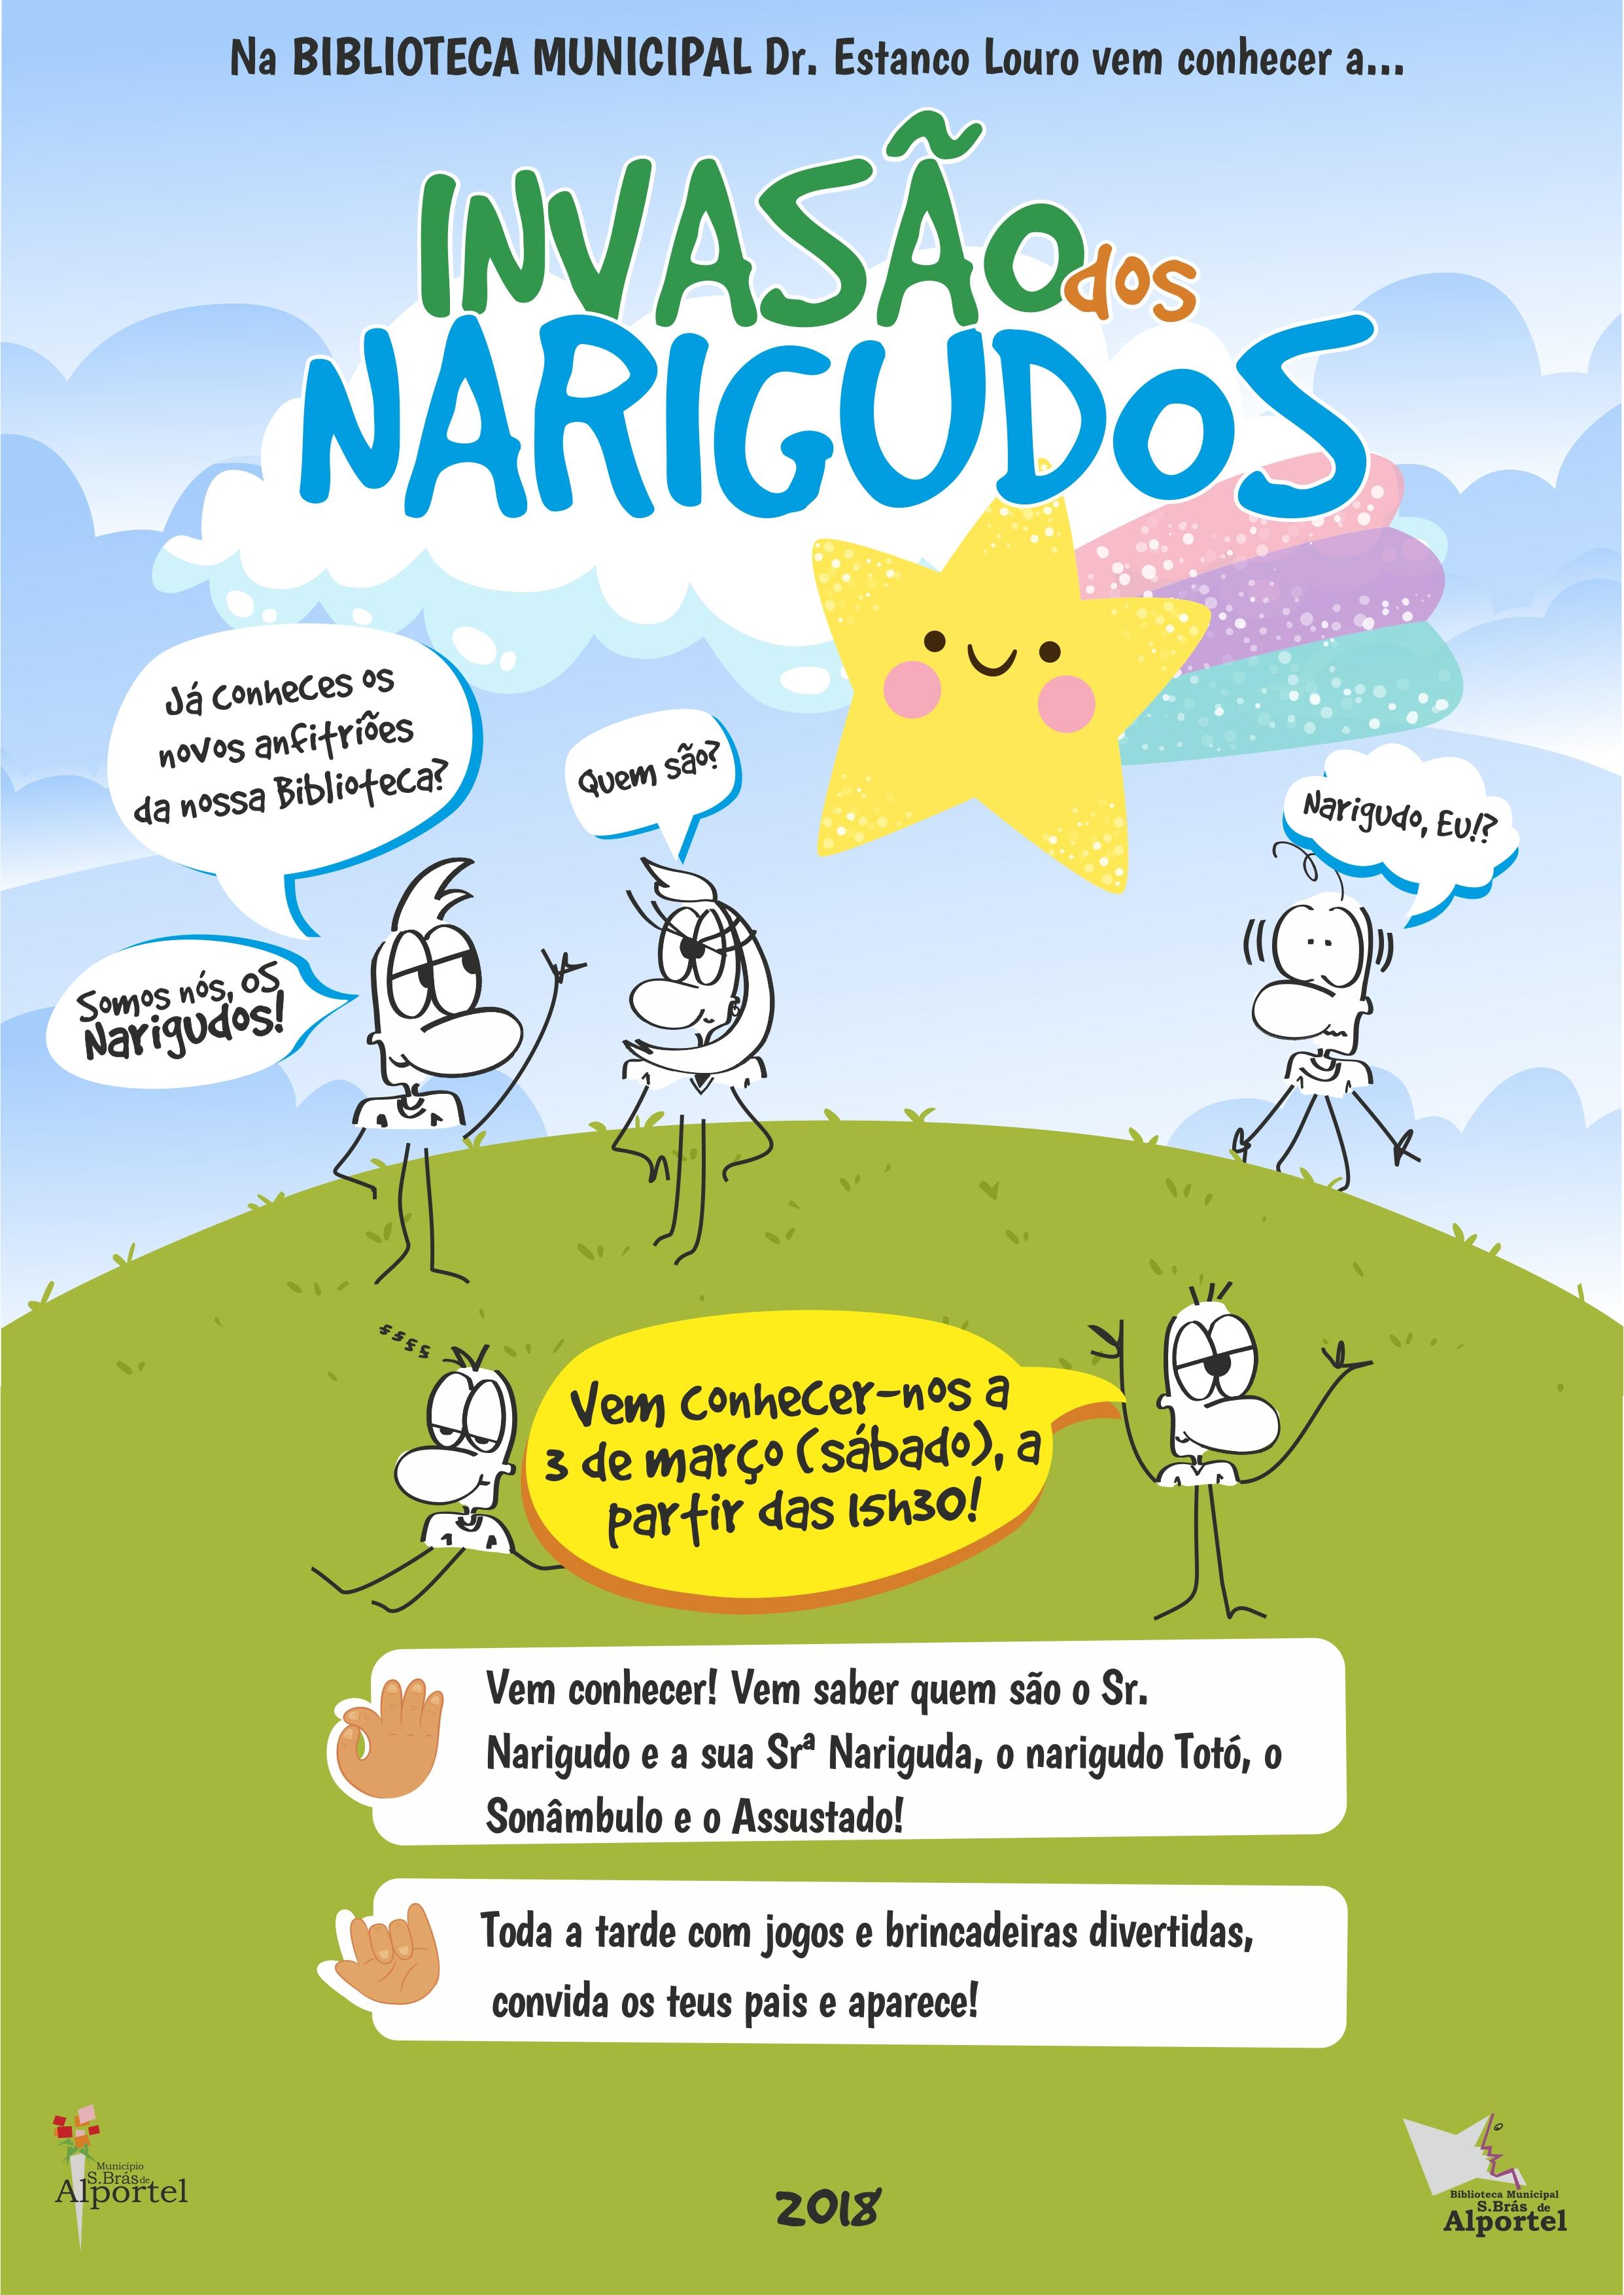 cartaz da invasão dos narigudos